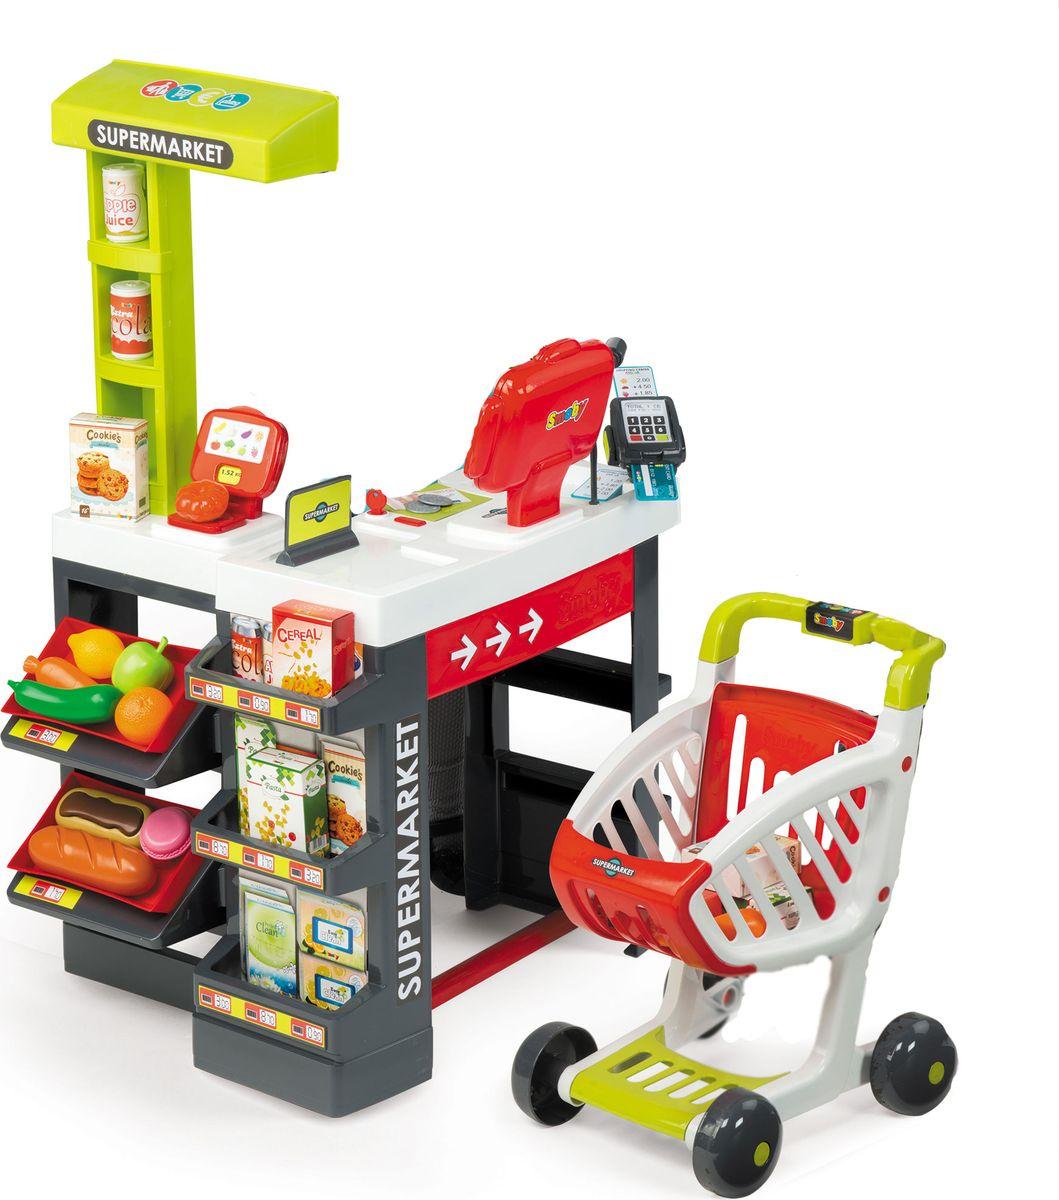 Smoby Игровой набор Супермаркет с тележкой 41 предмет - Сюжетно-ролевые игрушки